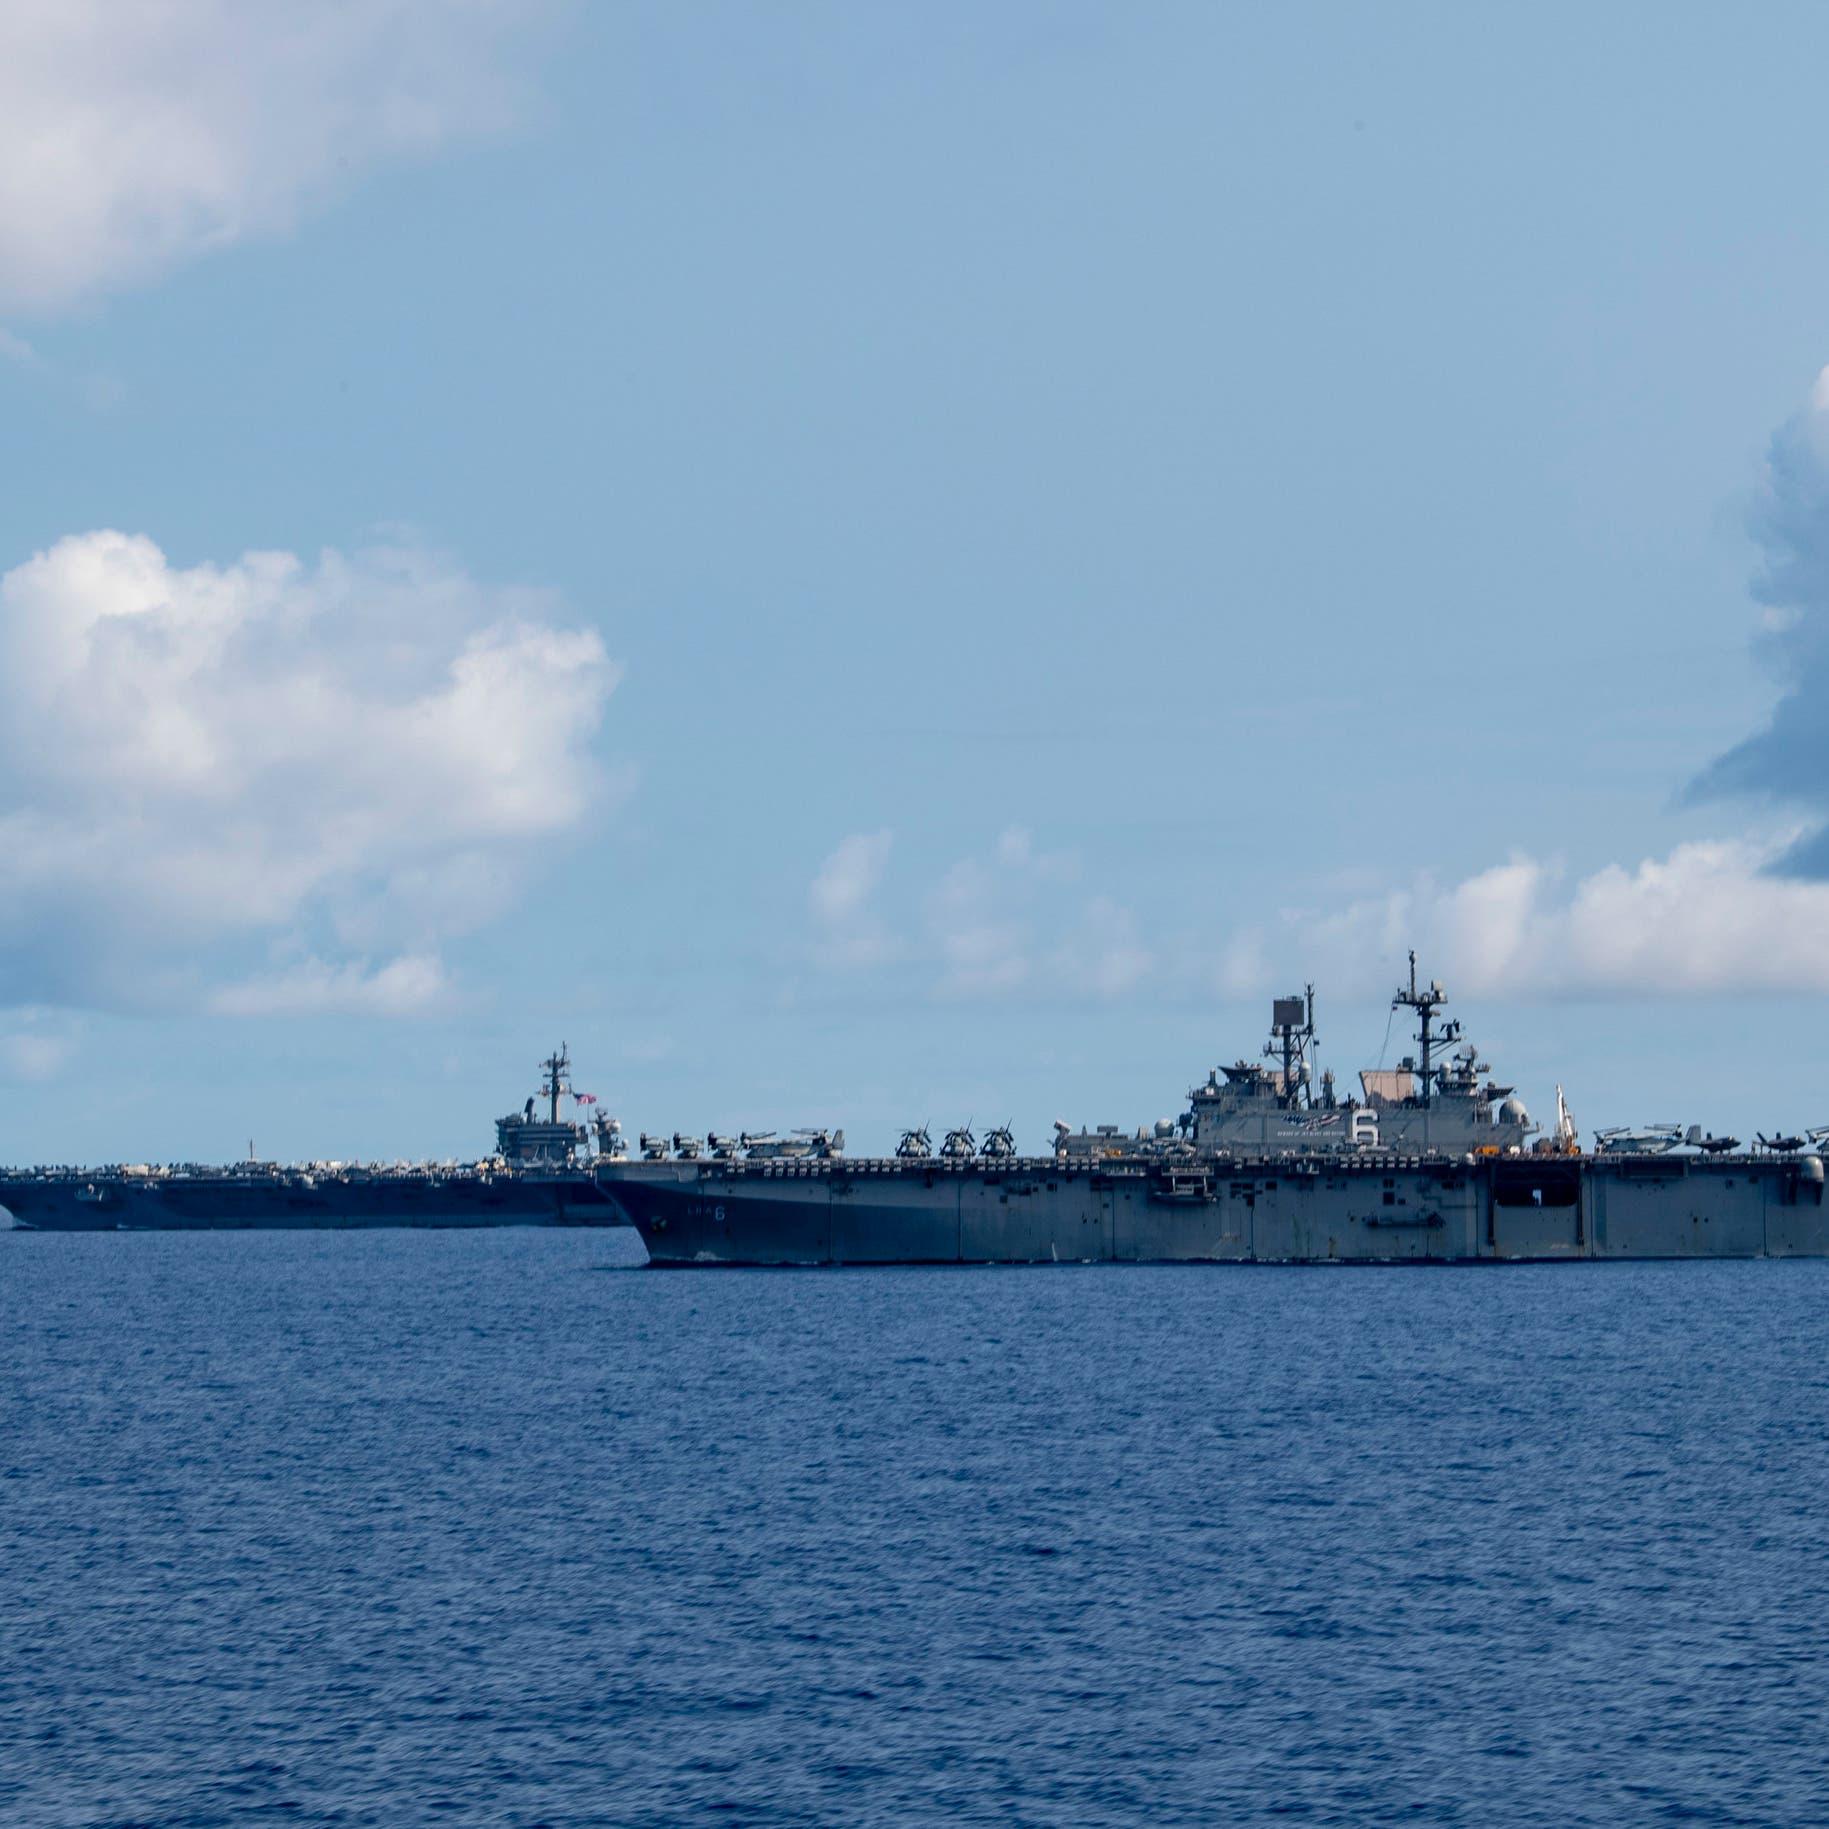 واشنطن تجدد دعمها لتايوان.. وترسل حاملة طائرات لبحر الصين